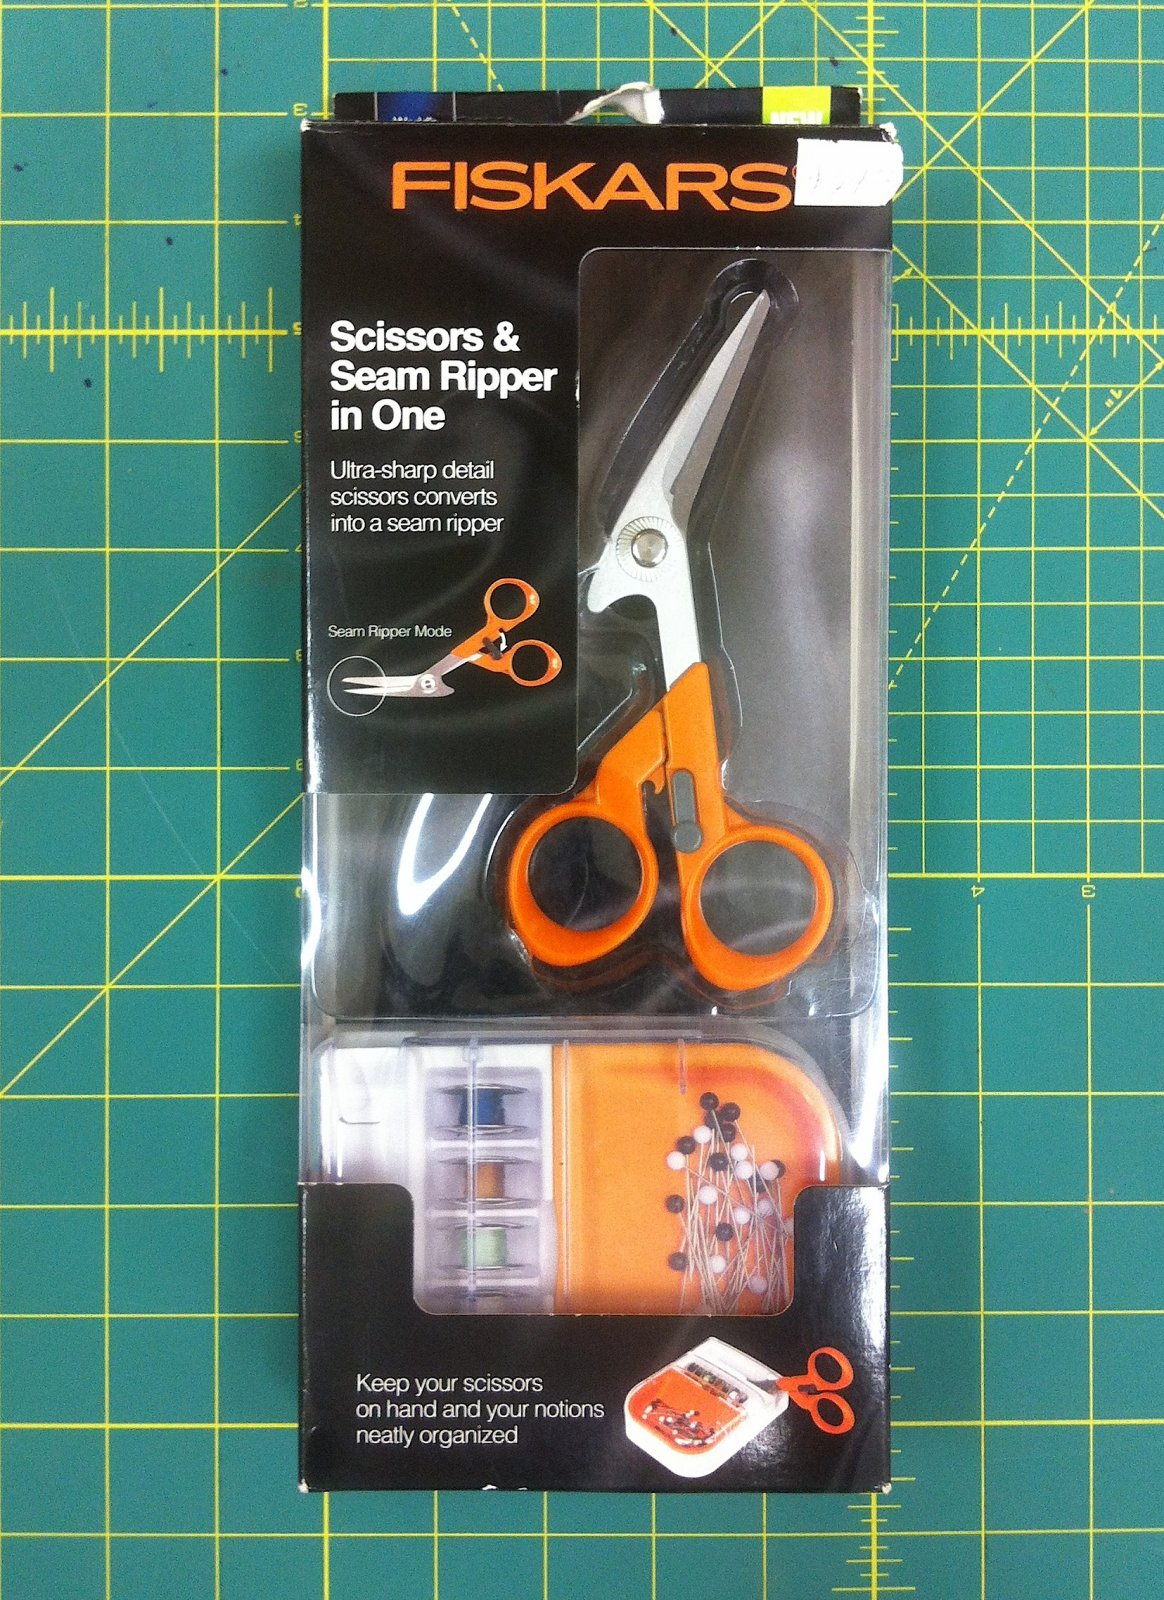 Scissors and Seam Ripper In One